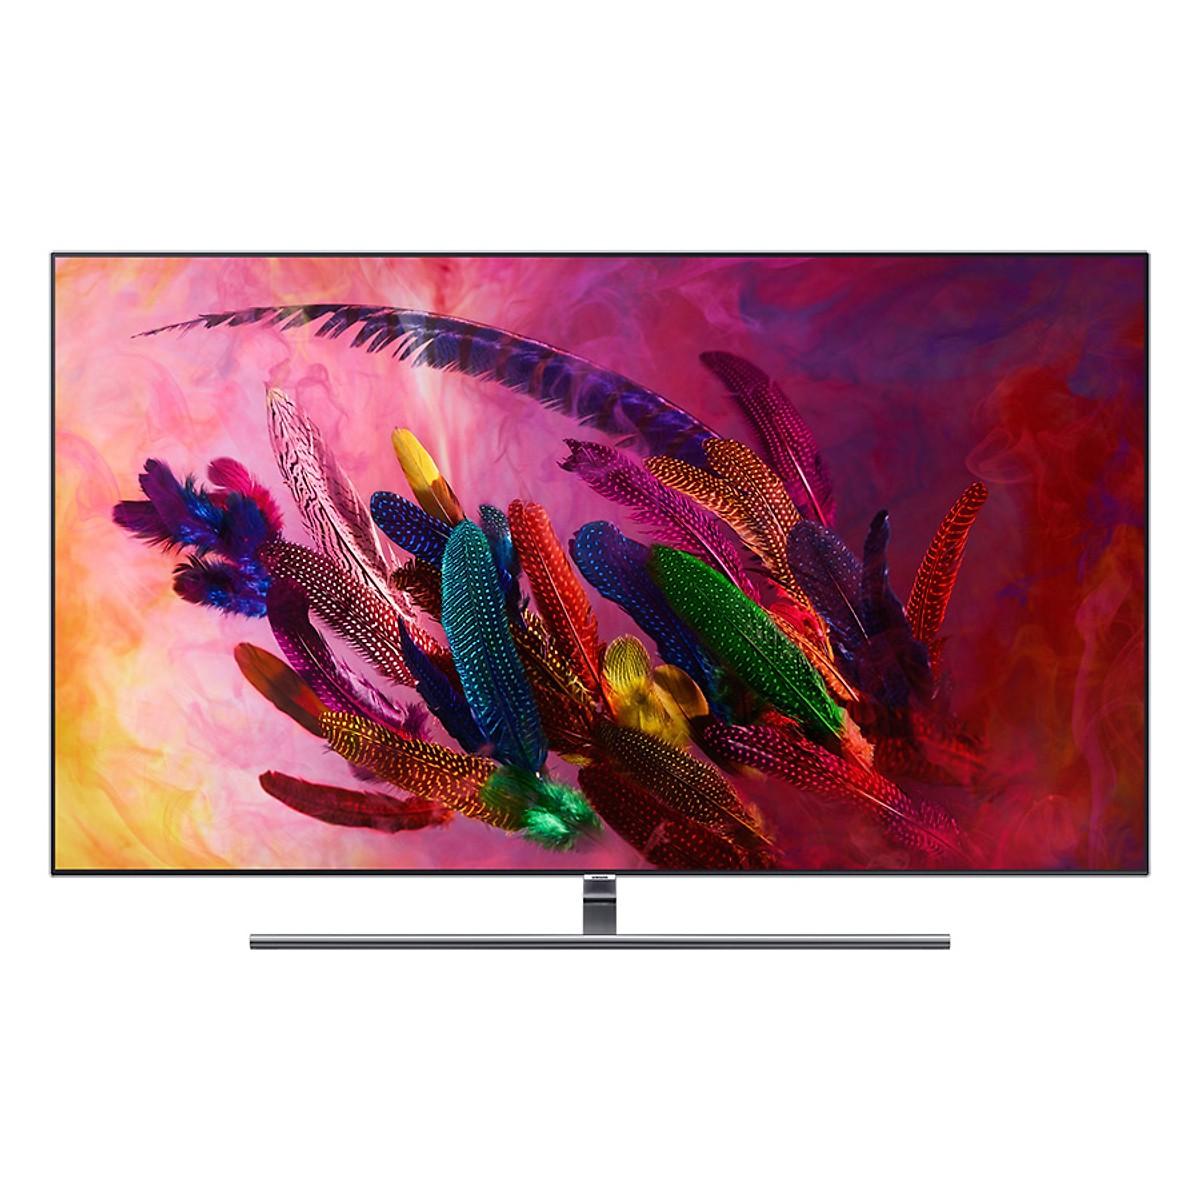 Smart Tivi Samsung 65 inch QLED 4K QA65Q7FNAKXXV - Hàng Chính Hãng + Tặng Khung Treo Cố Định